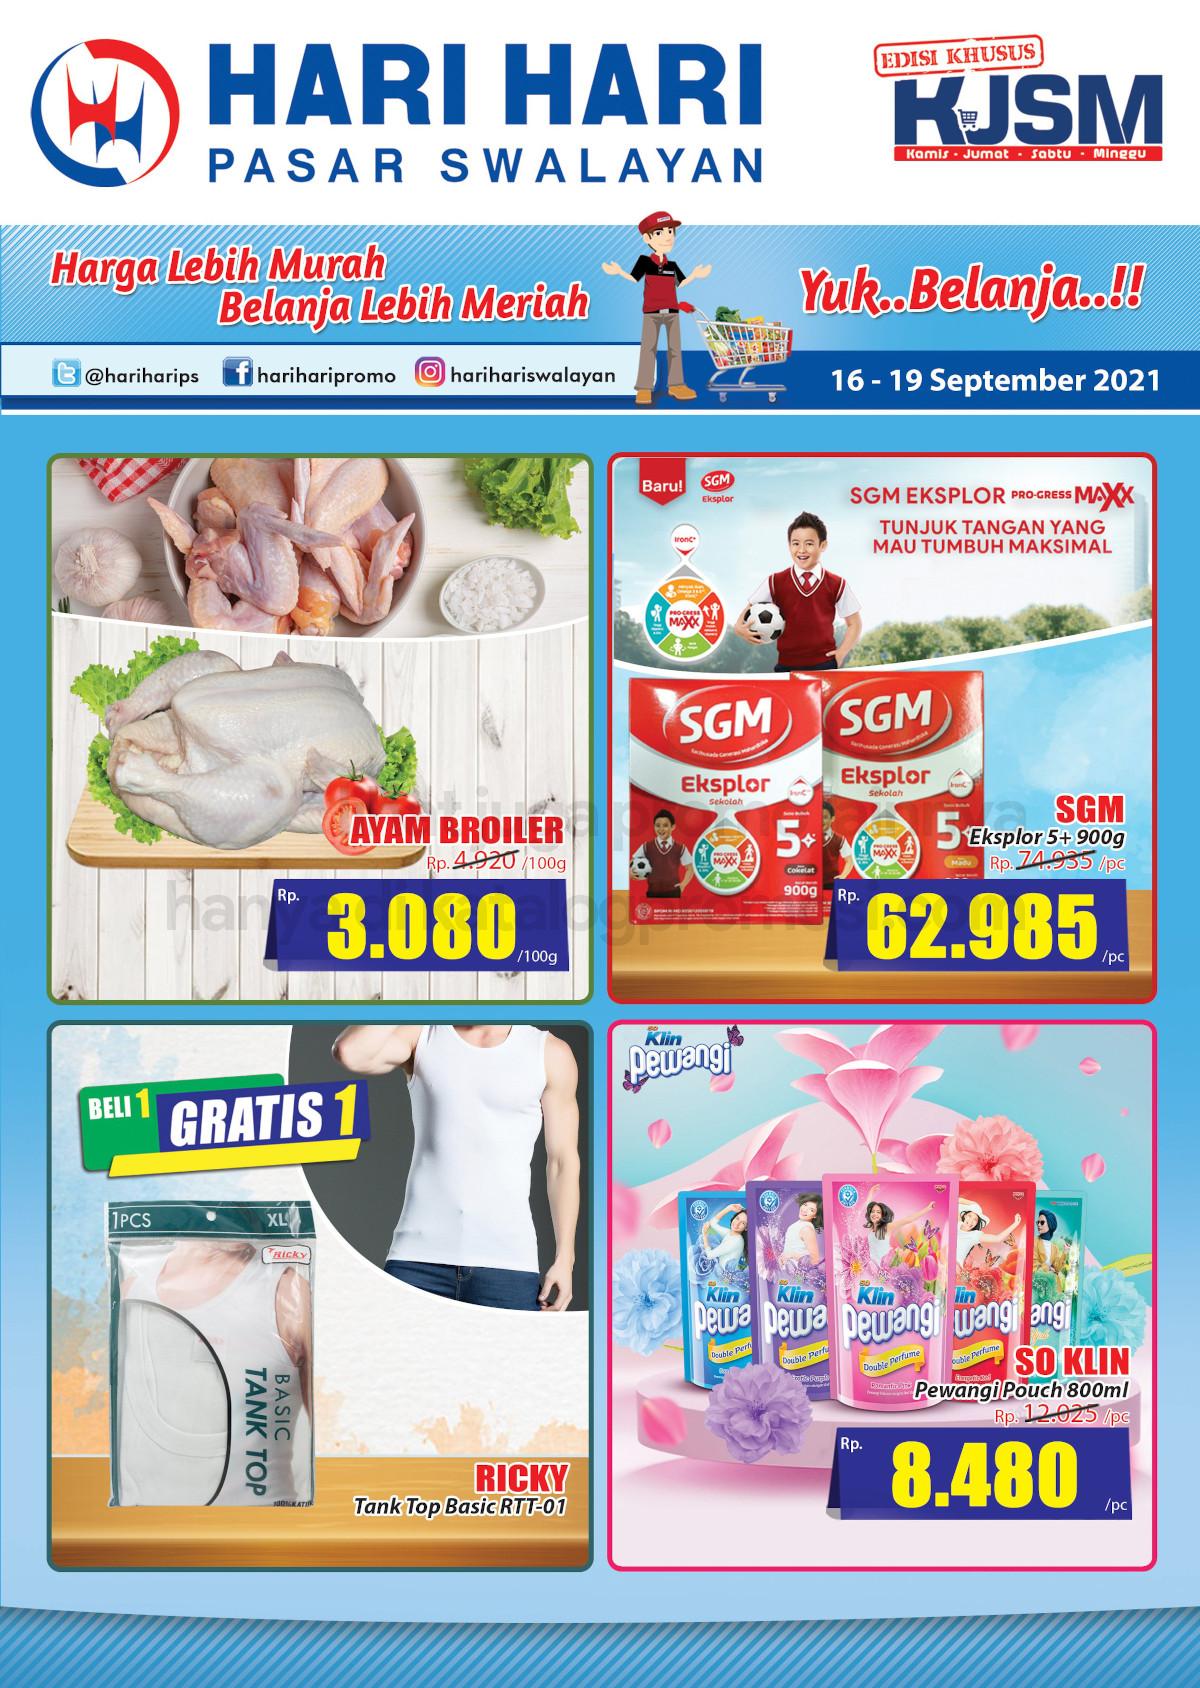 Promo Hari Hari Pasar Swalayan Weekend JSM Periode 16-19 September 2021